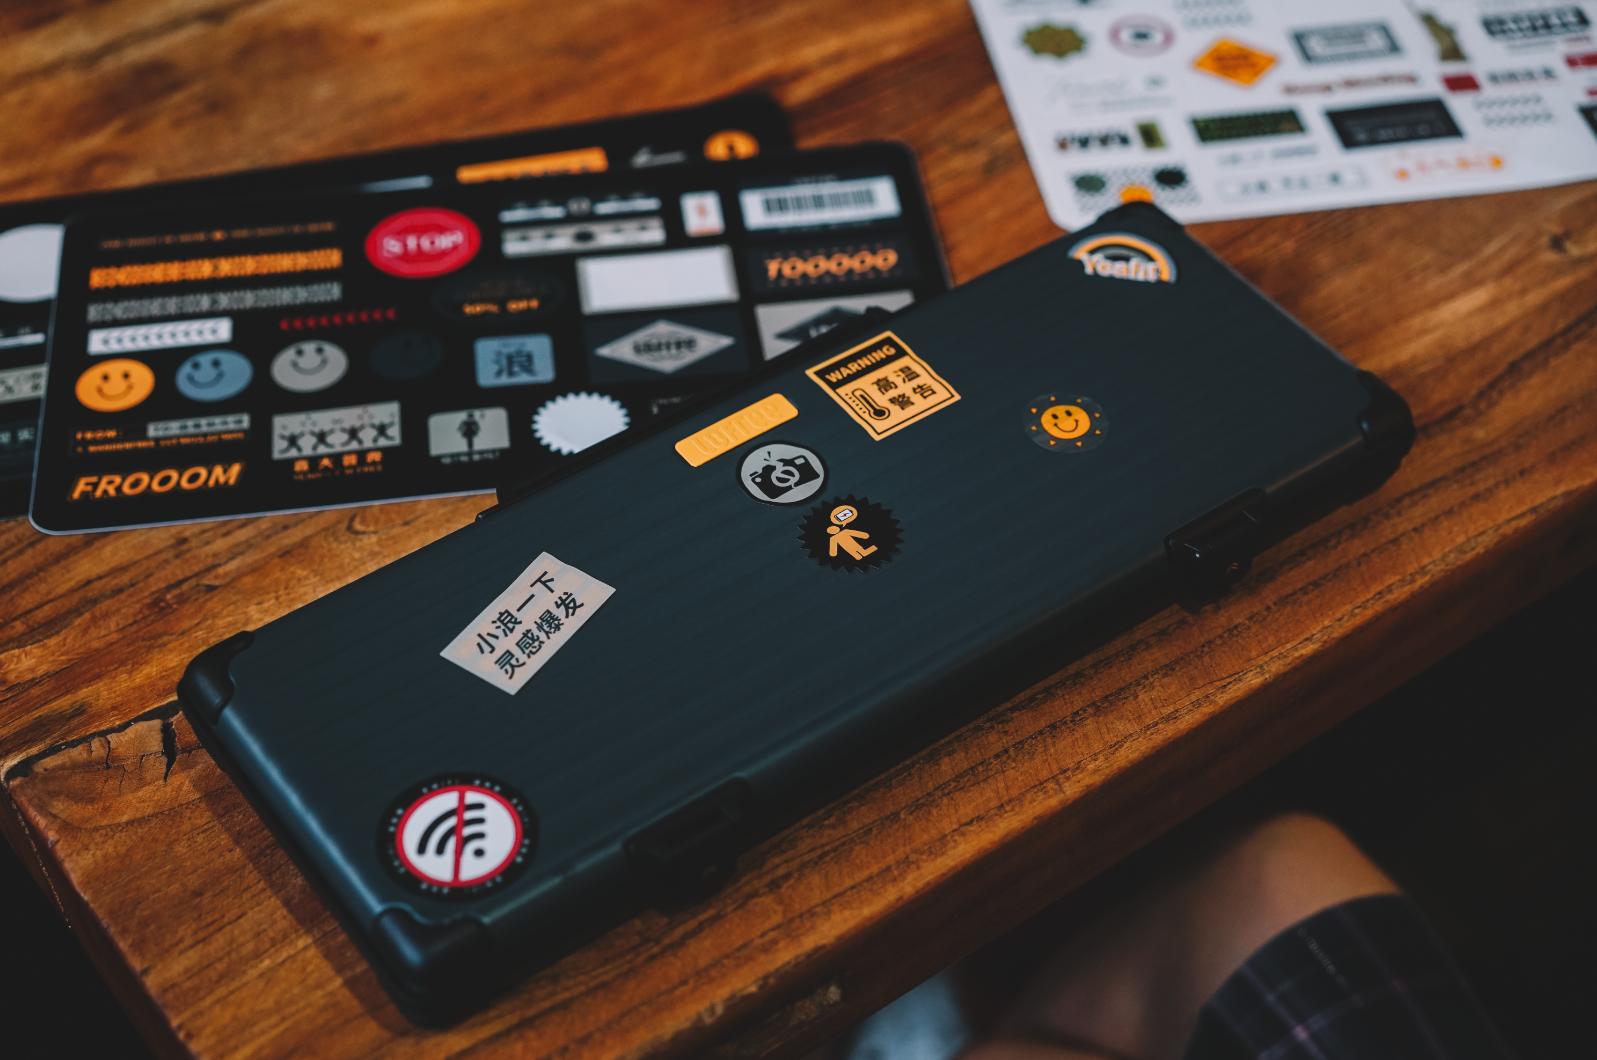 图片[30]-以浪为名,Lofree洛斐小浪蓝牙机械键盘适合外出携带的小机械键盘-G-Suite